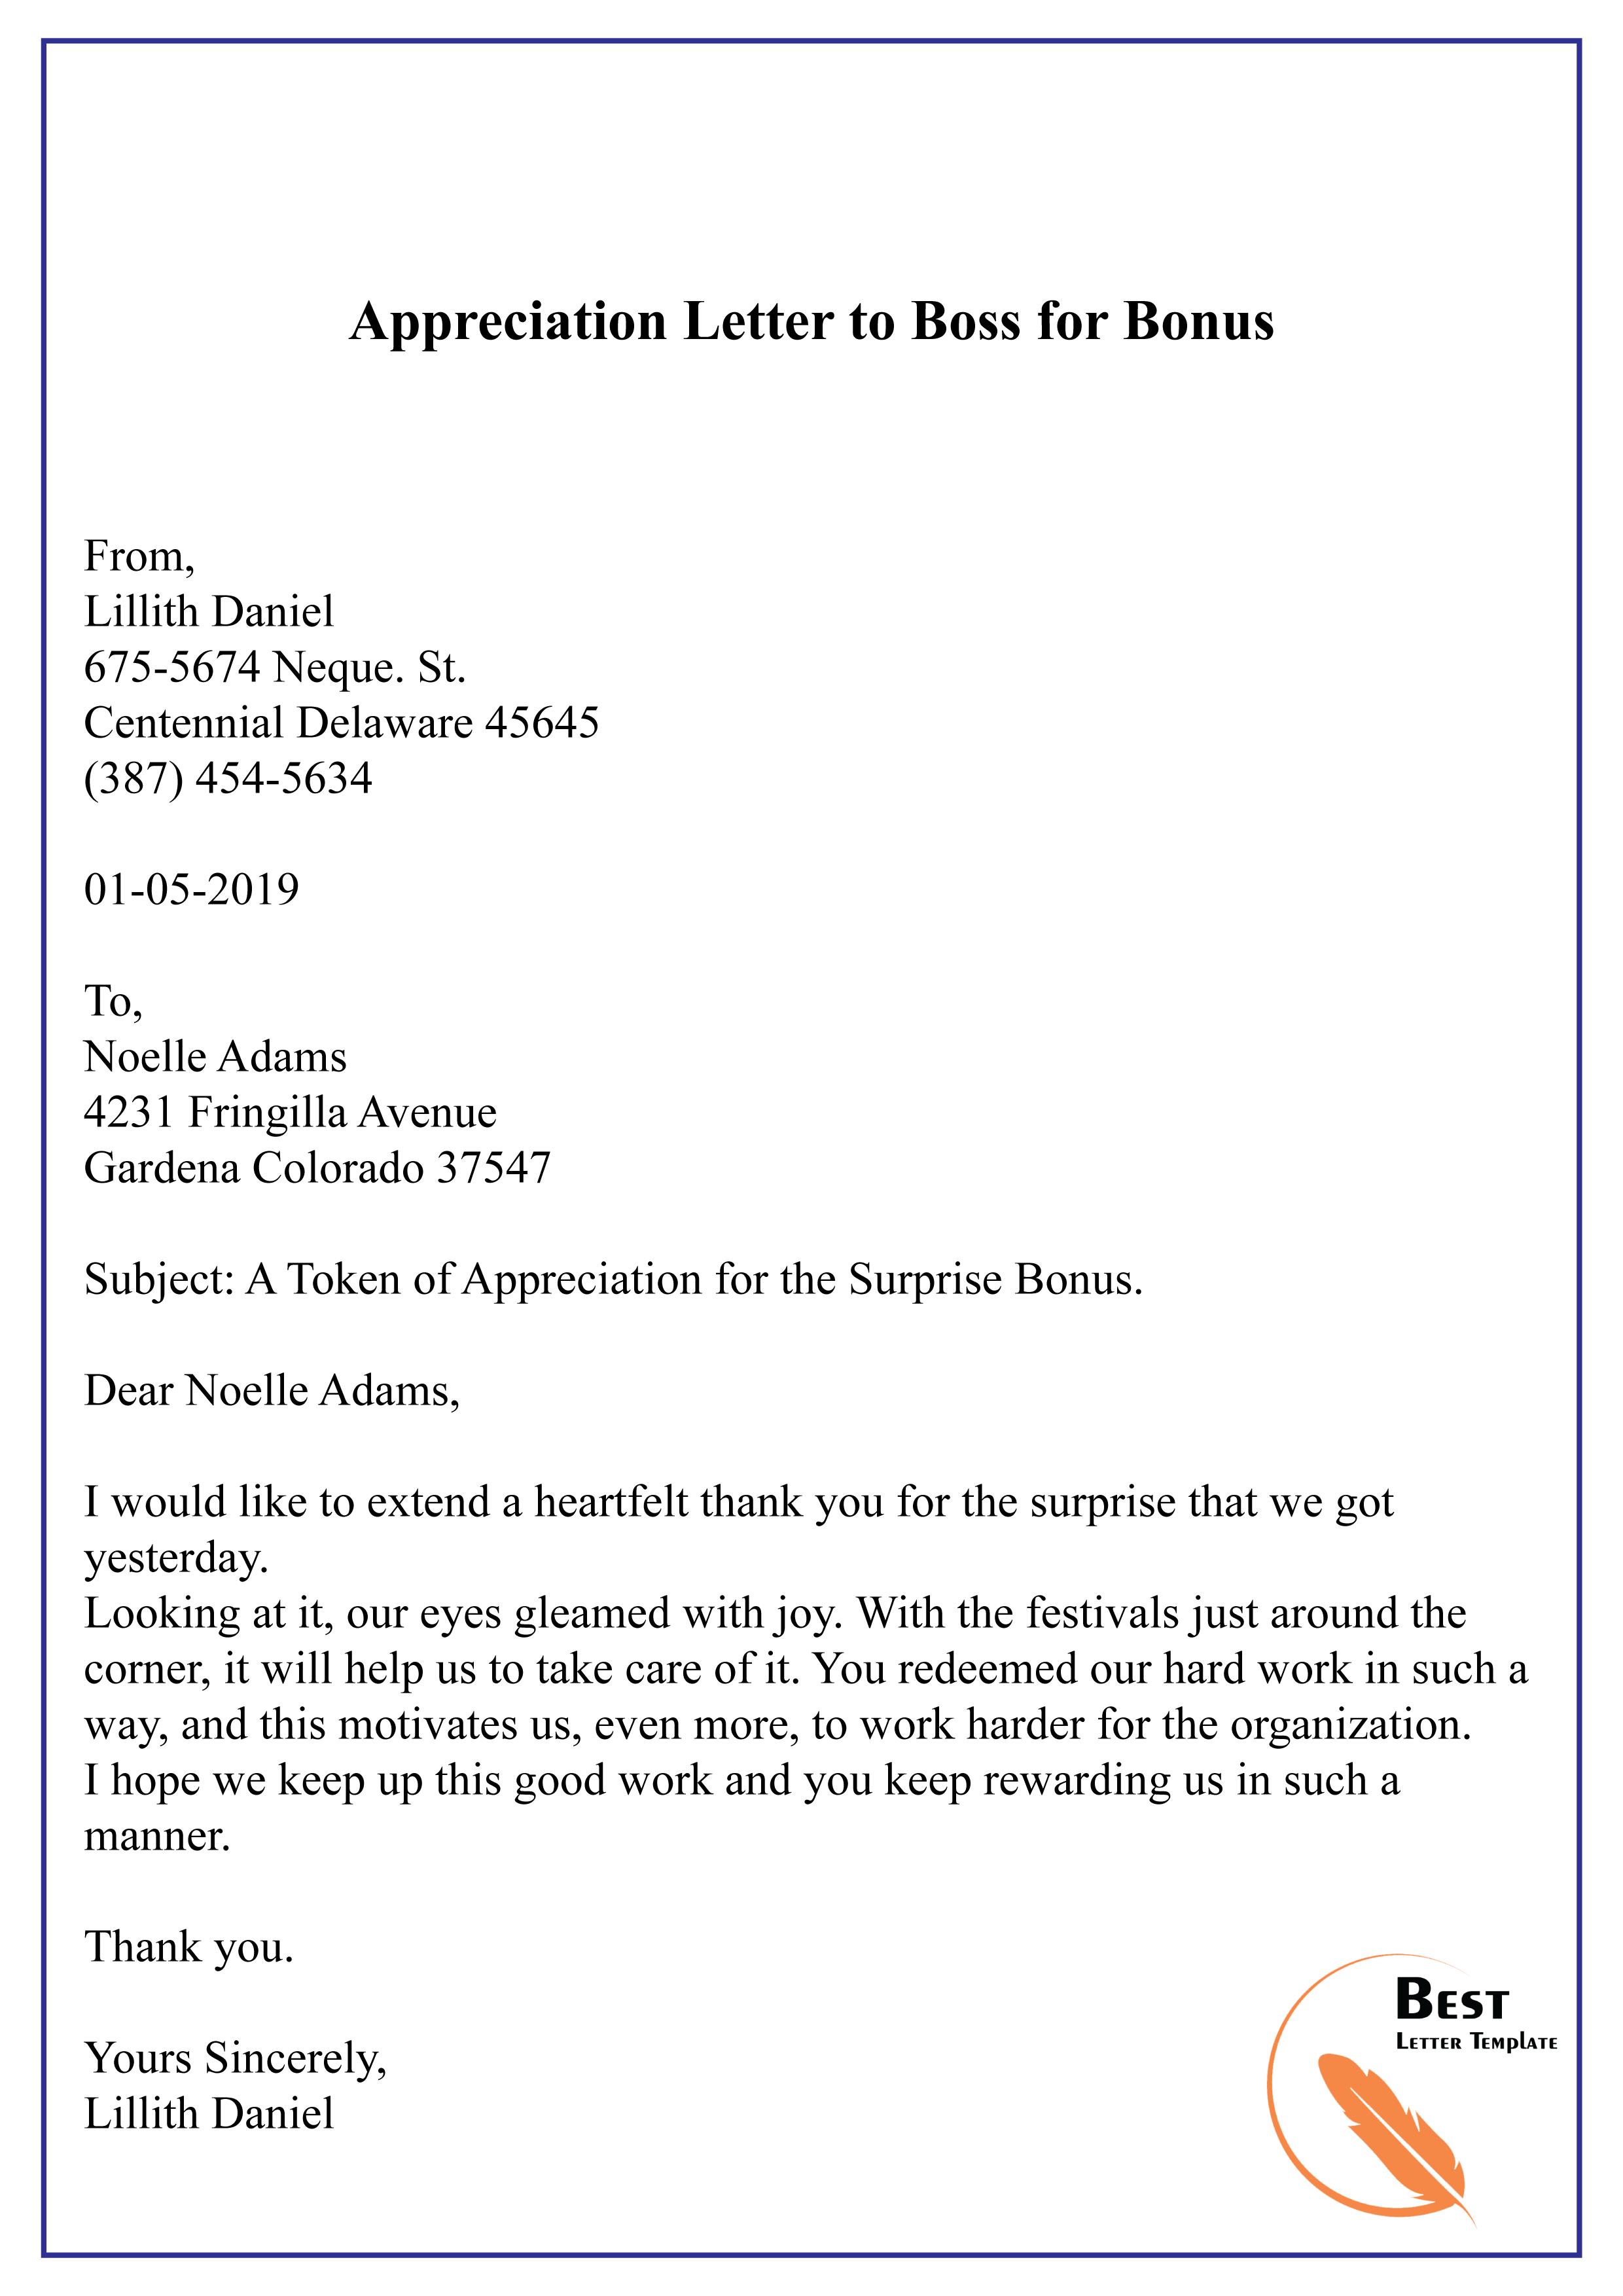 Appreciation Letter To Boss For Bonus 01 Best Letter